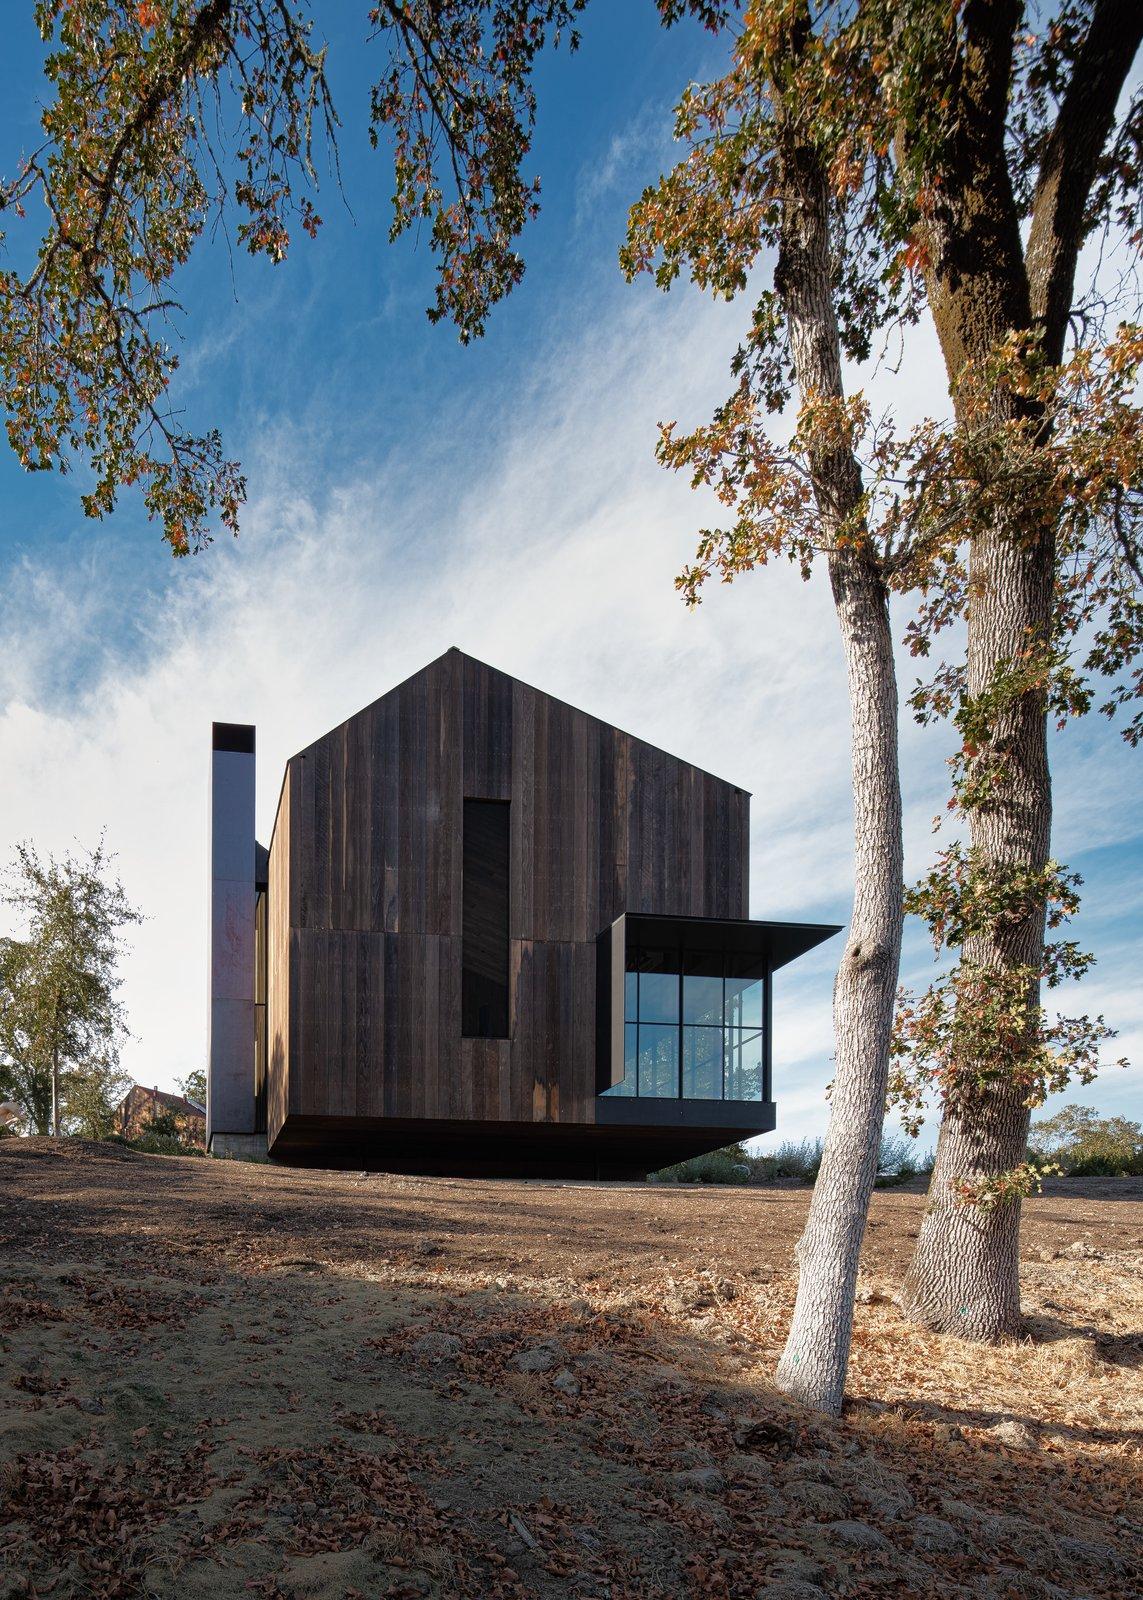 Big Barn  Big Barn by Faulkner Architects